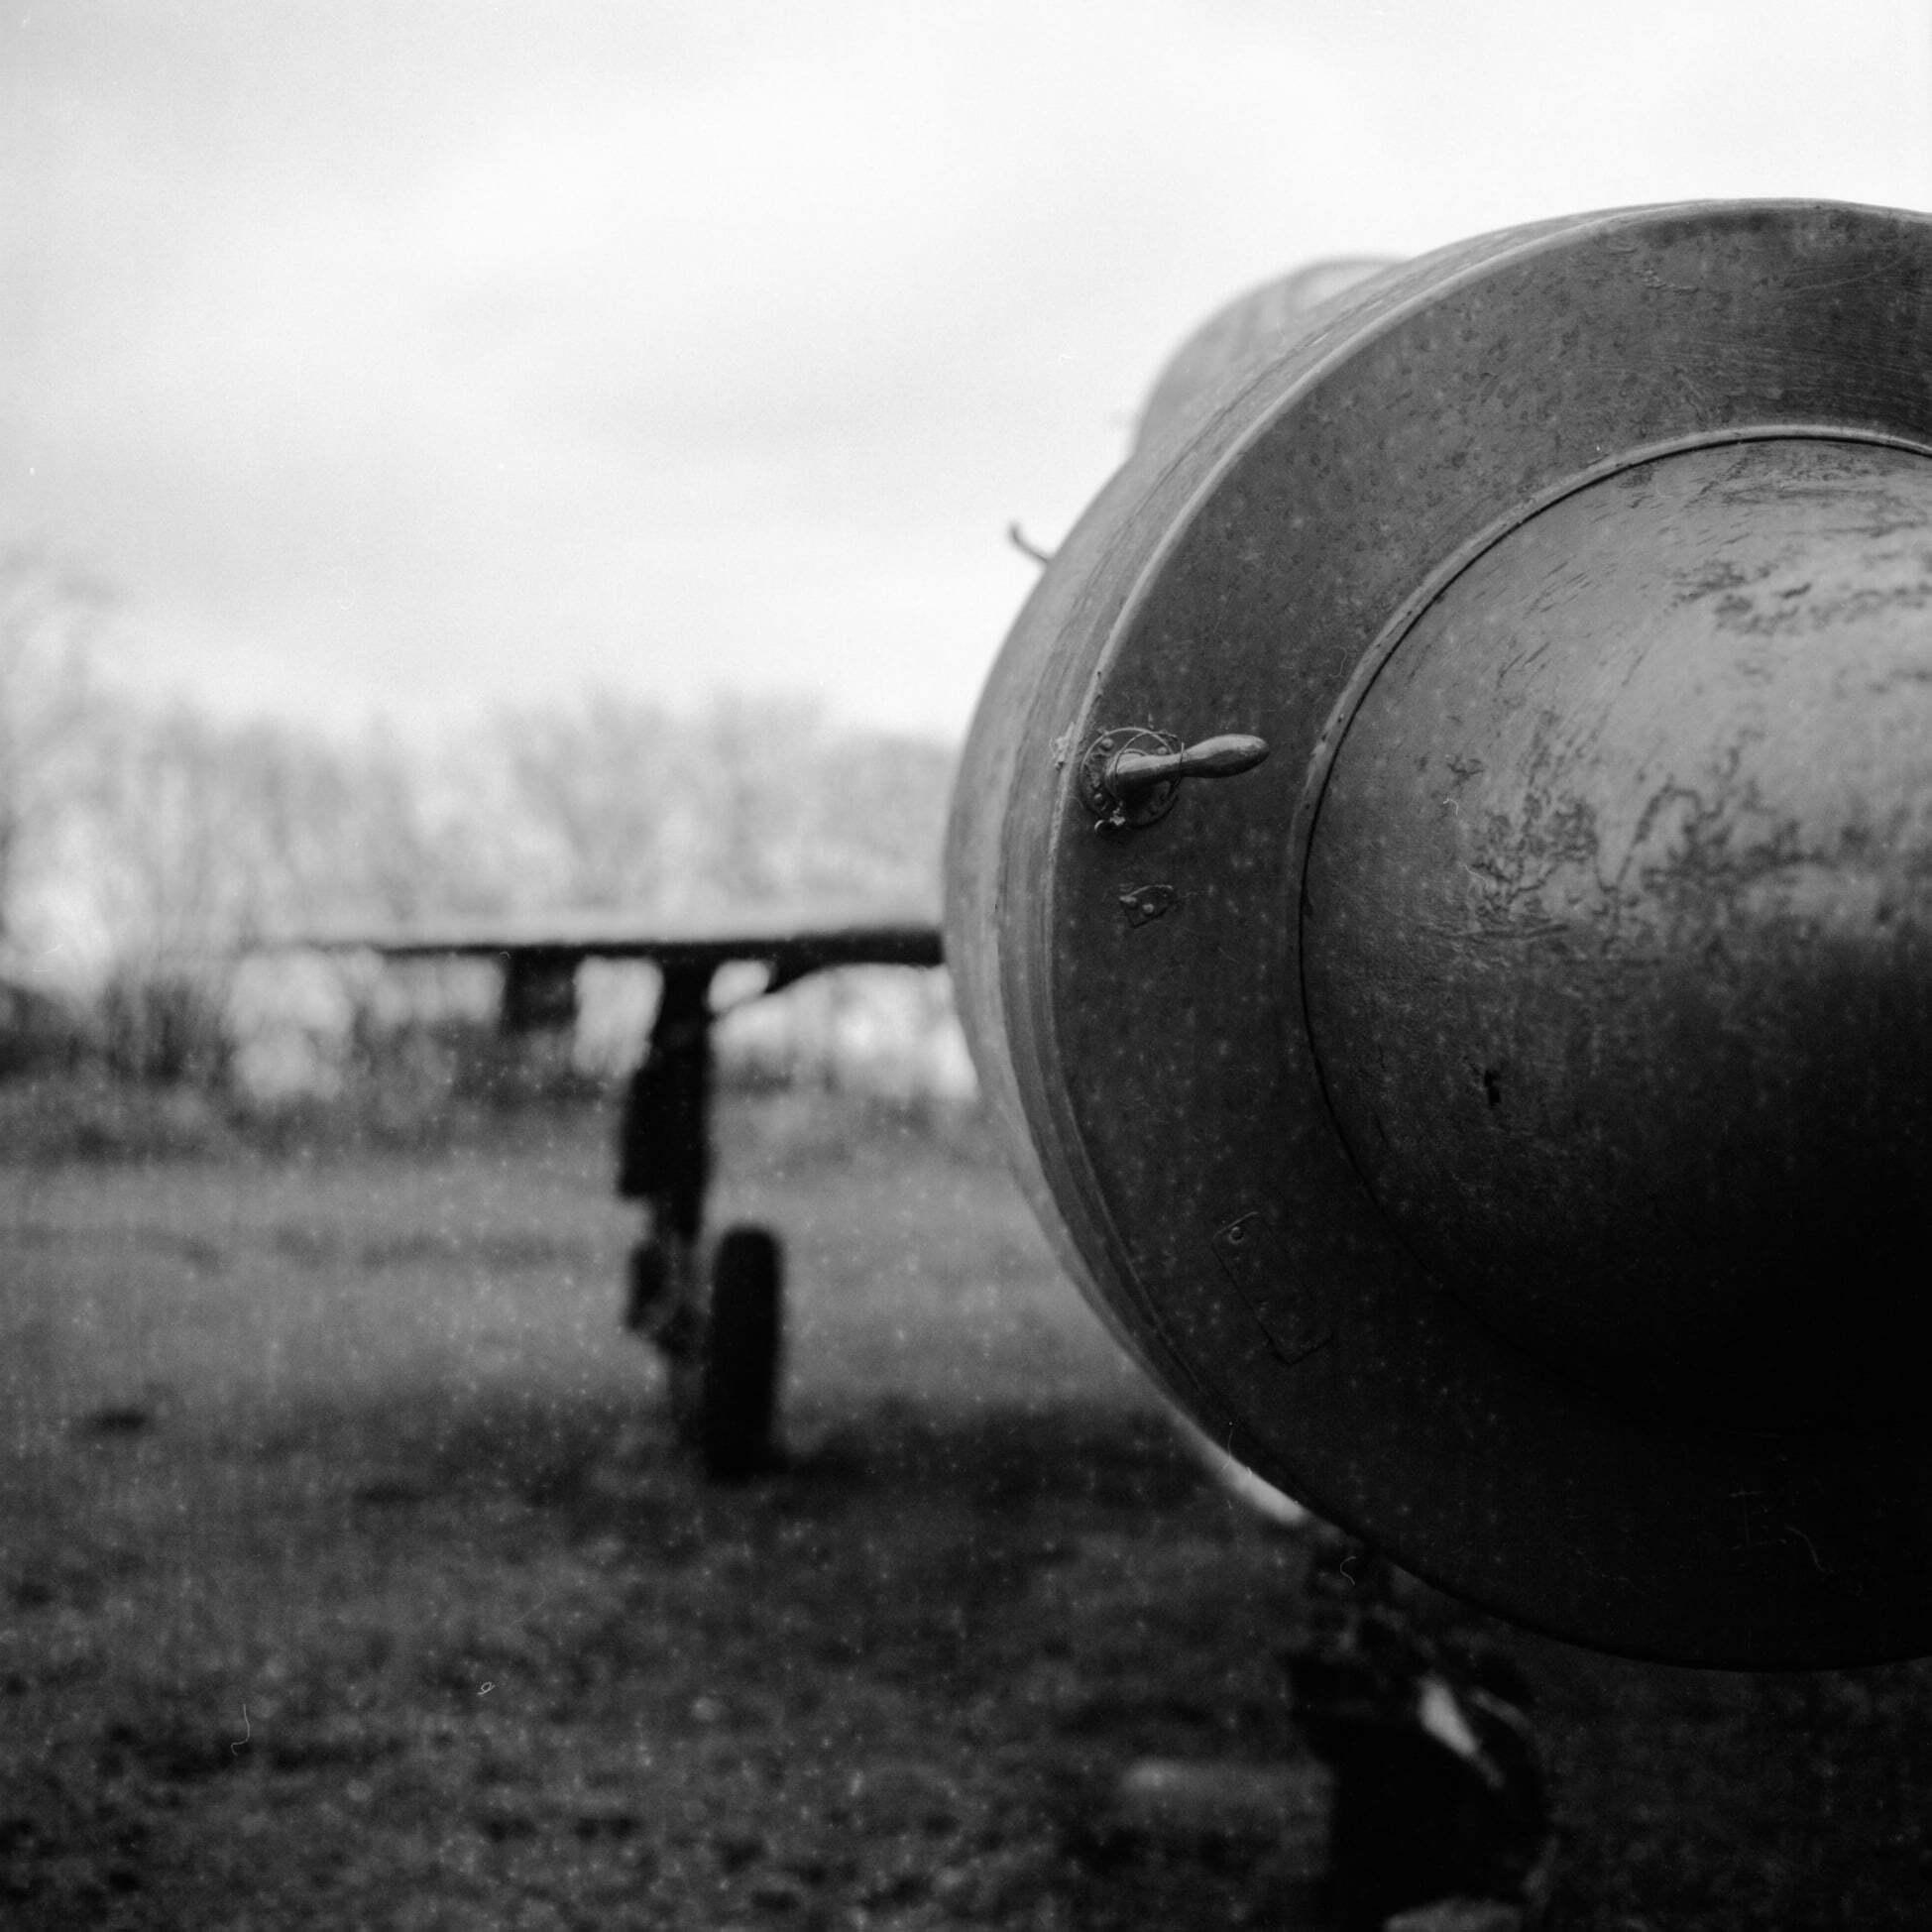 Fly away - Verlaten straaljager  • Hasselblad 500CM - Ilford PanF+ 50 (expired 2006)  - foto door MariekeMjB op 08-04-2021 - deze foto bevat: verlaten, urban, vliegtuig, straaljager, zwartwit, analoog, lucht, vliegtuigen, lijn, tinten en schakeringen, wolk, monochrome fotografie, voertuig, monochroom, propeller, luchtvaart